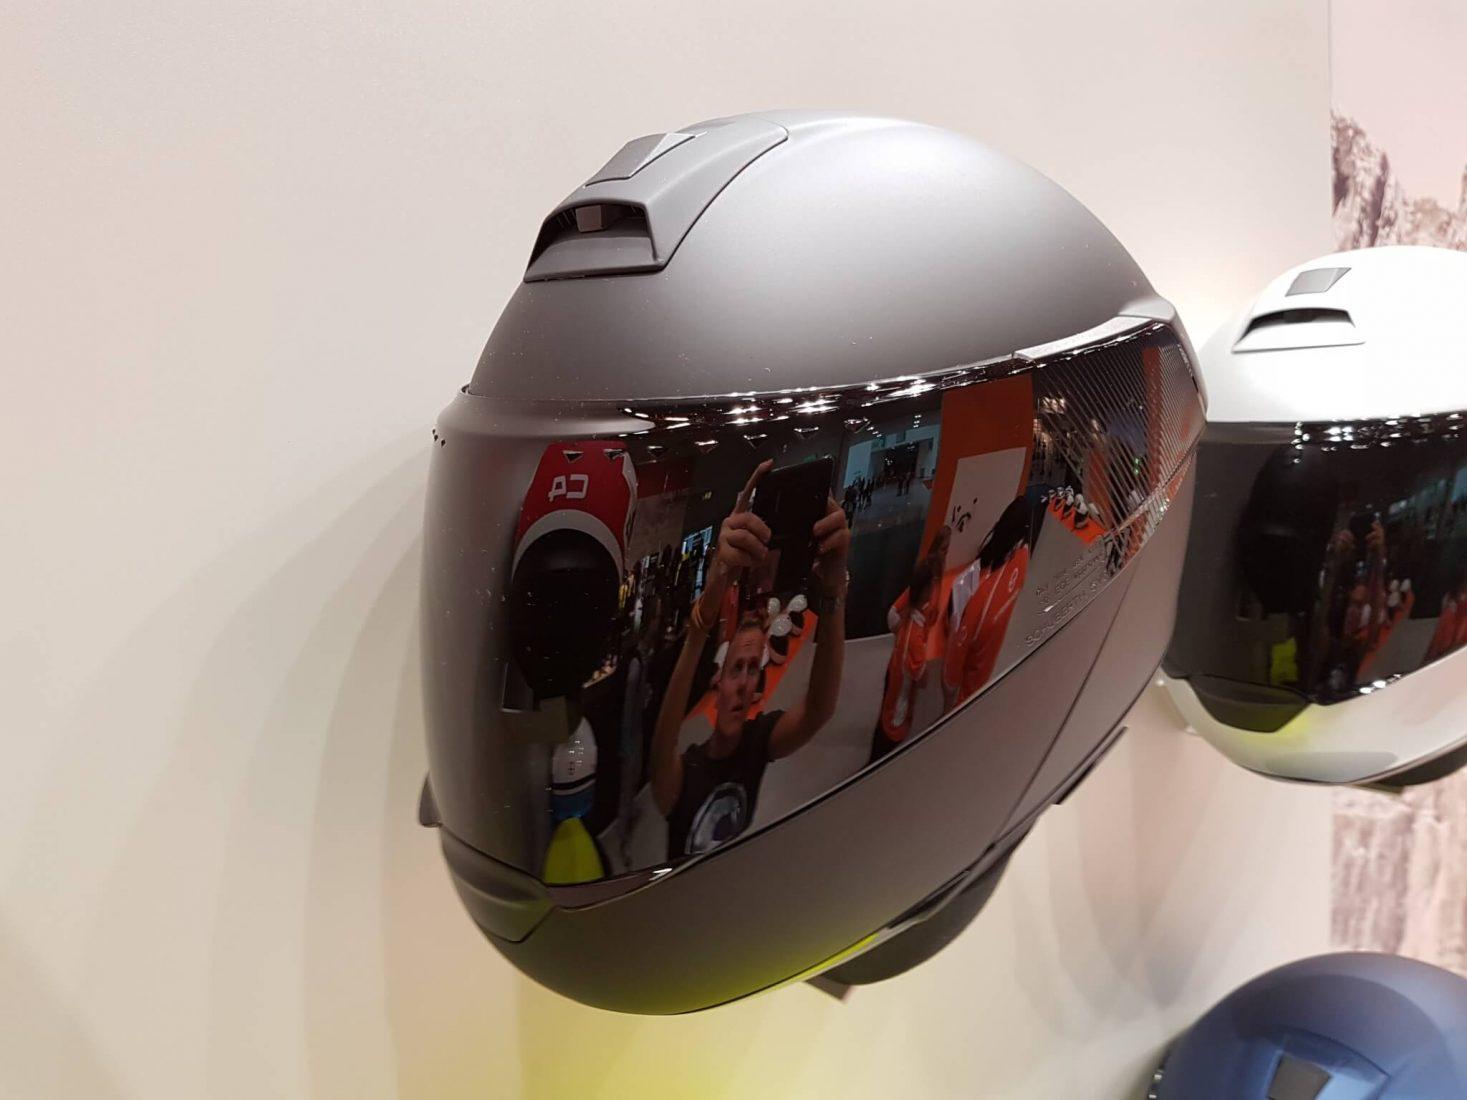 helm met ingebouwde speakers